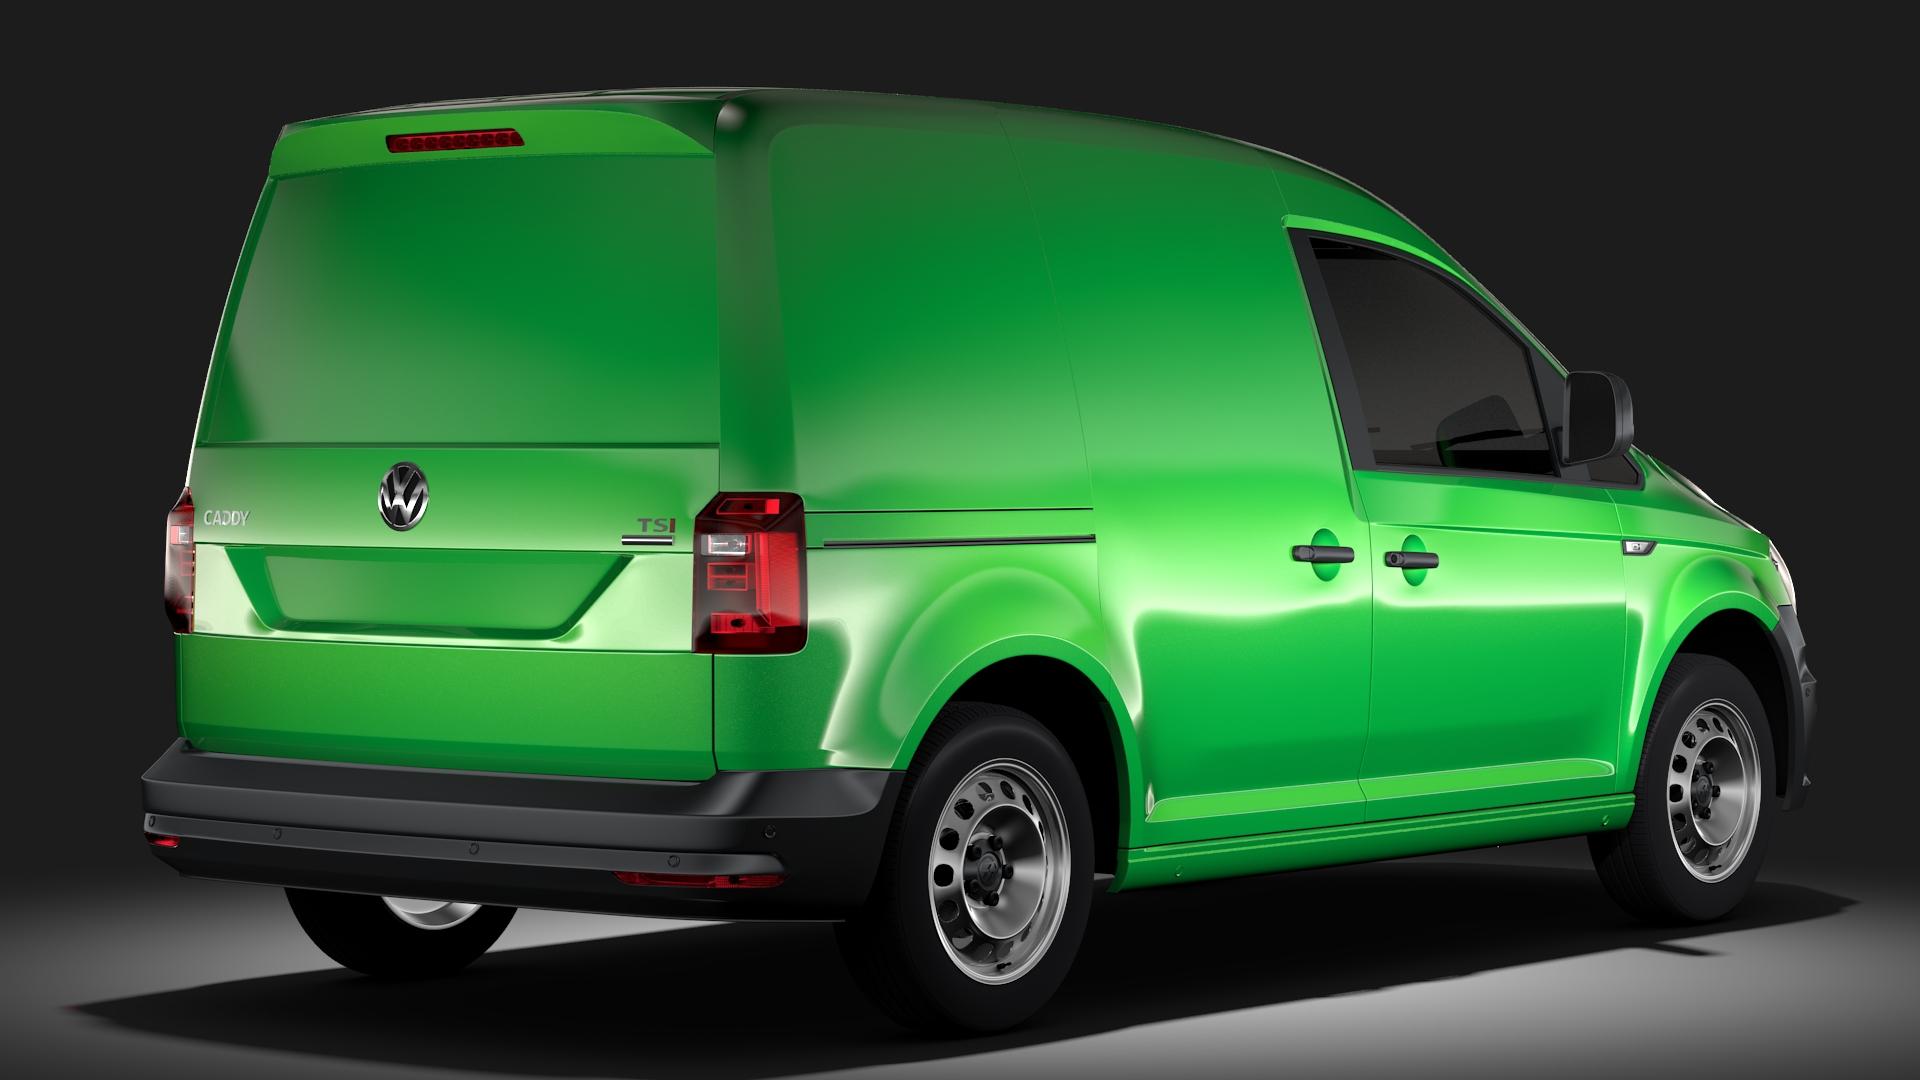 volkswagen caddy panel van l1 2017 3d model max fbx c4d lwo ma mb hrc xsi obj 274403